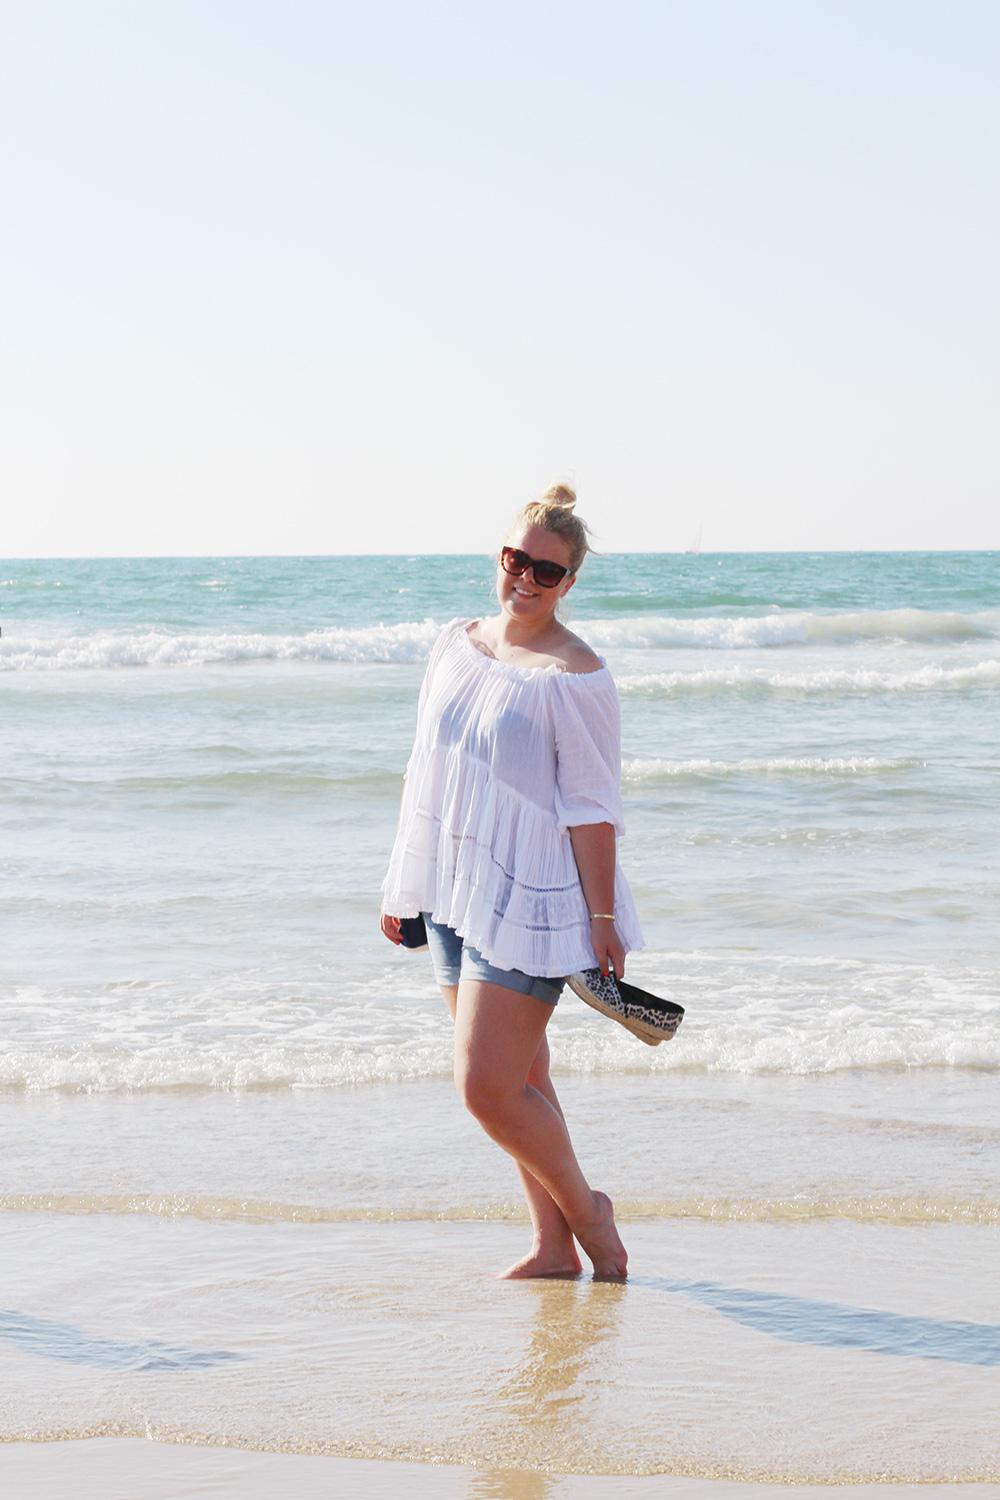 acie-blog-tel-aviv-2-stranden-israel-rejser-rejseblog